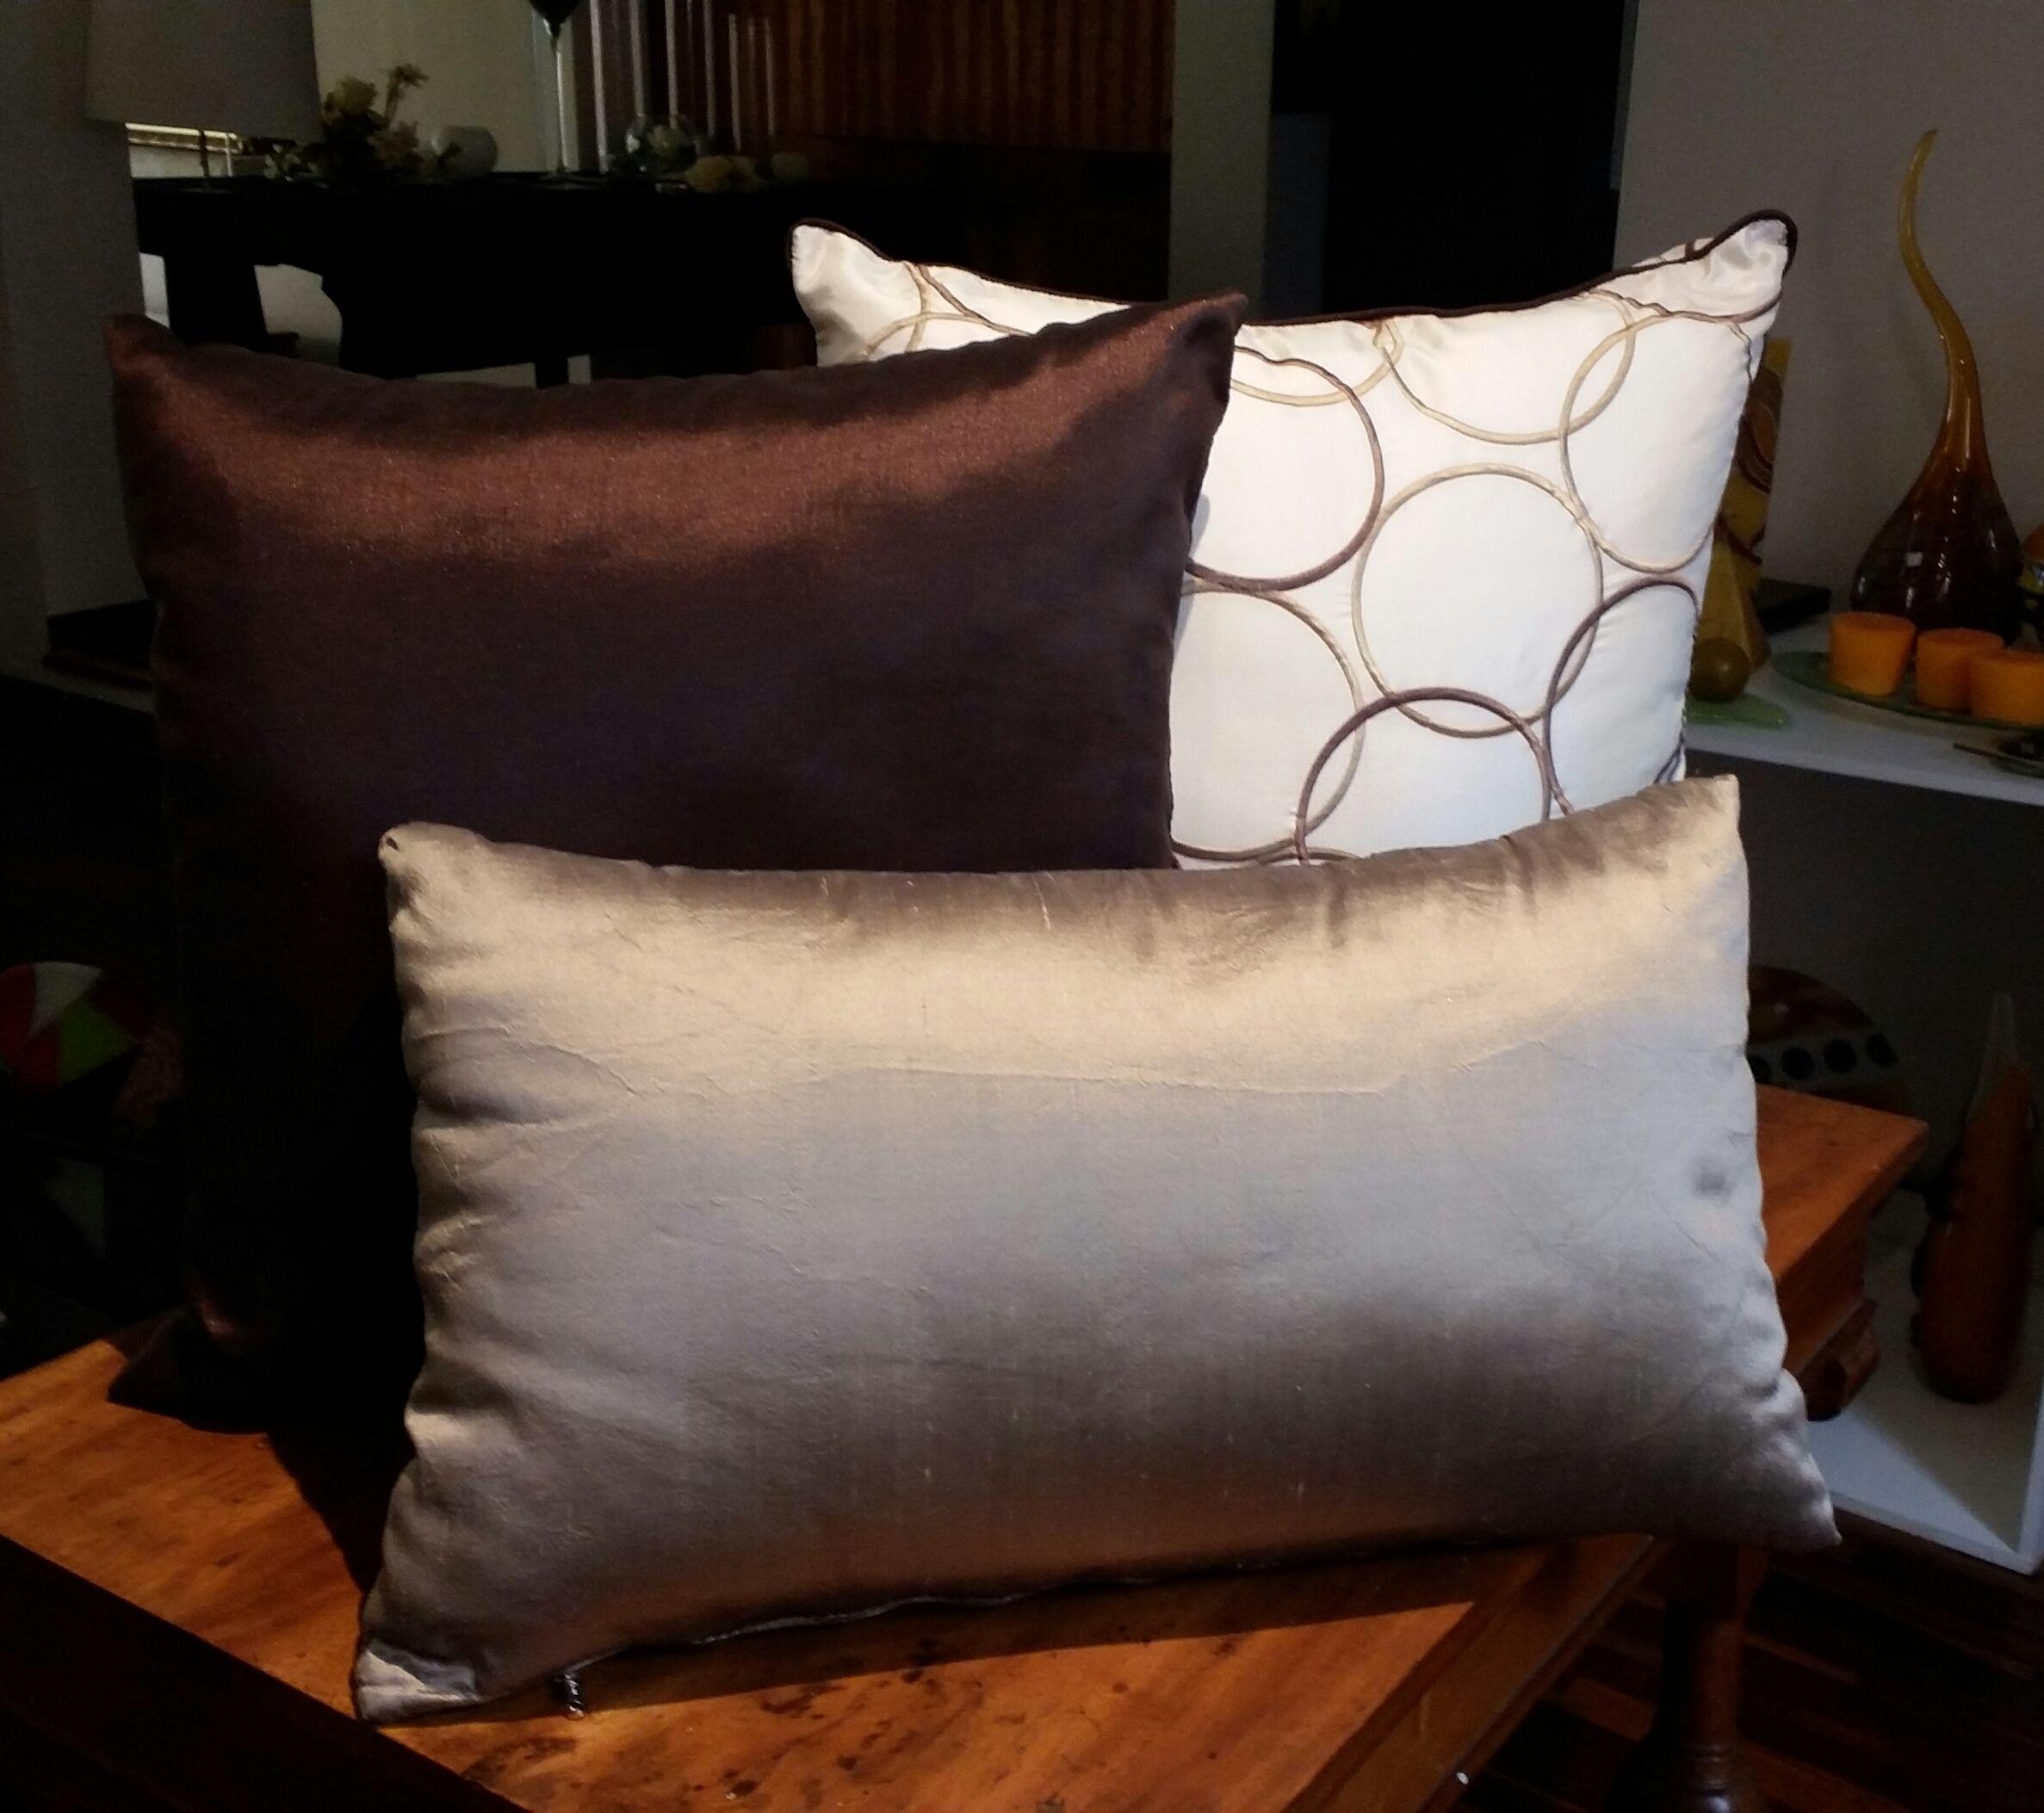 El color marr n es uno de los m s vers tiles y favoritos - Cojines decorativos para sofas ...